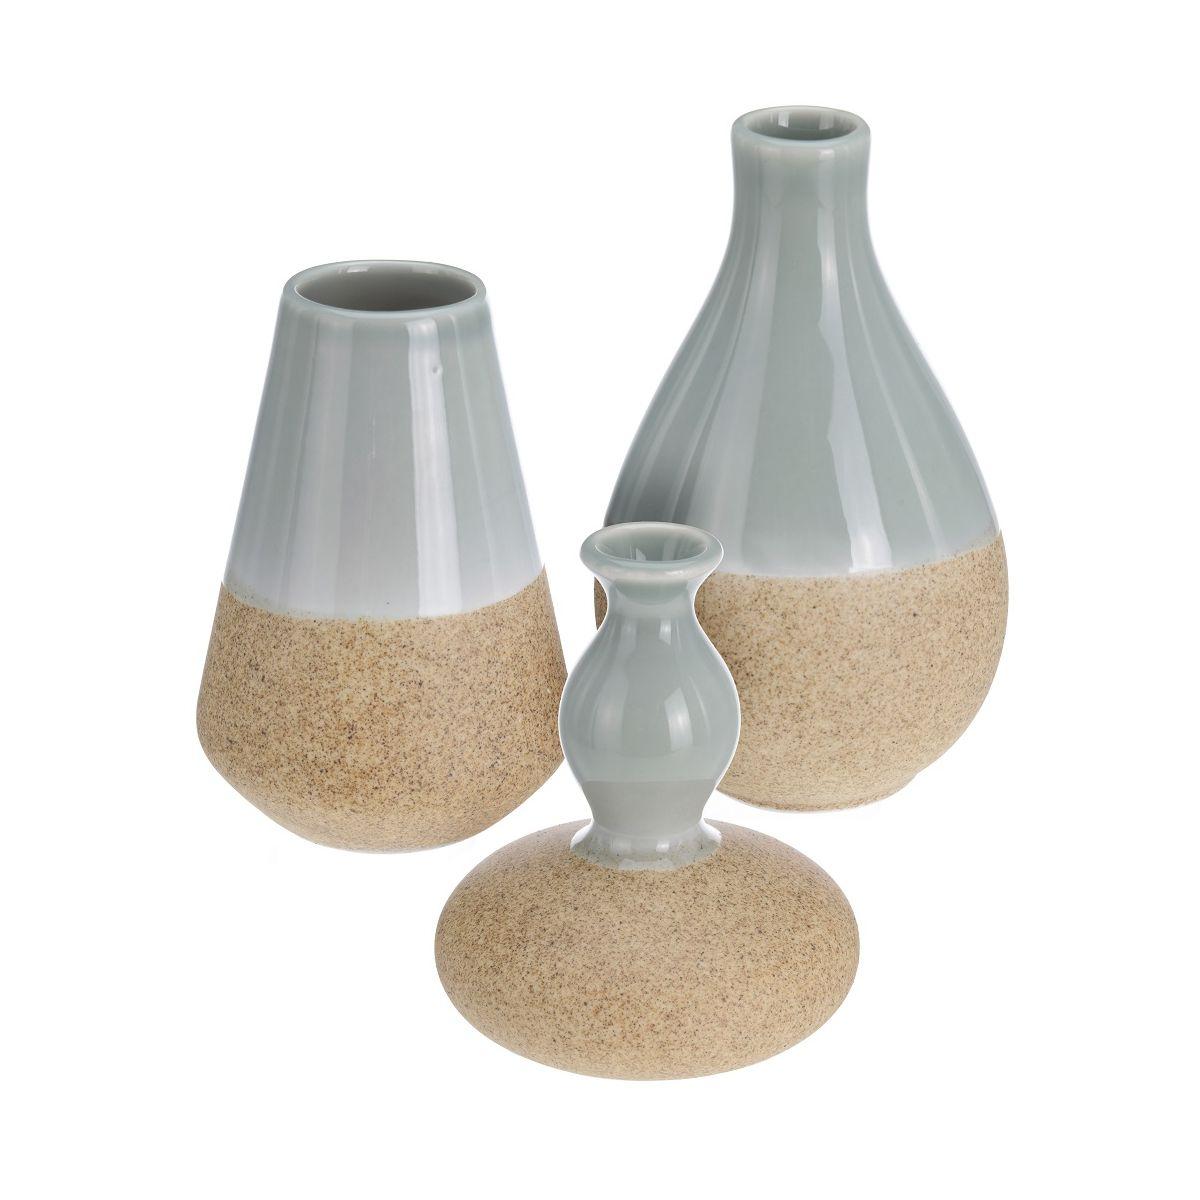 Набор ваз 3 шт 7*7*10 / 8*8*9,6 / 7,5*7,5*12 смвазы в наборе 3 шт, разм. 7x7x10 см/ 8x8x9.6 см/ 7.5x7.5x12см<br>